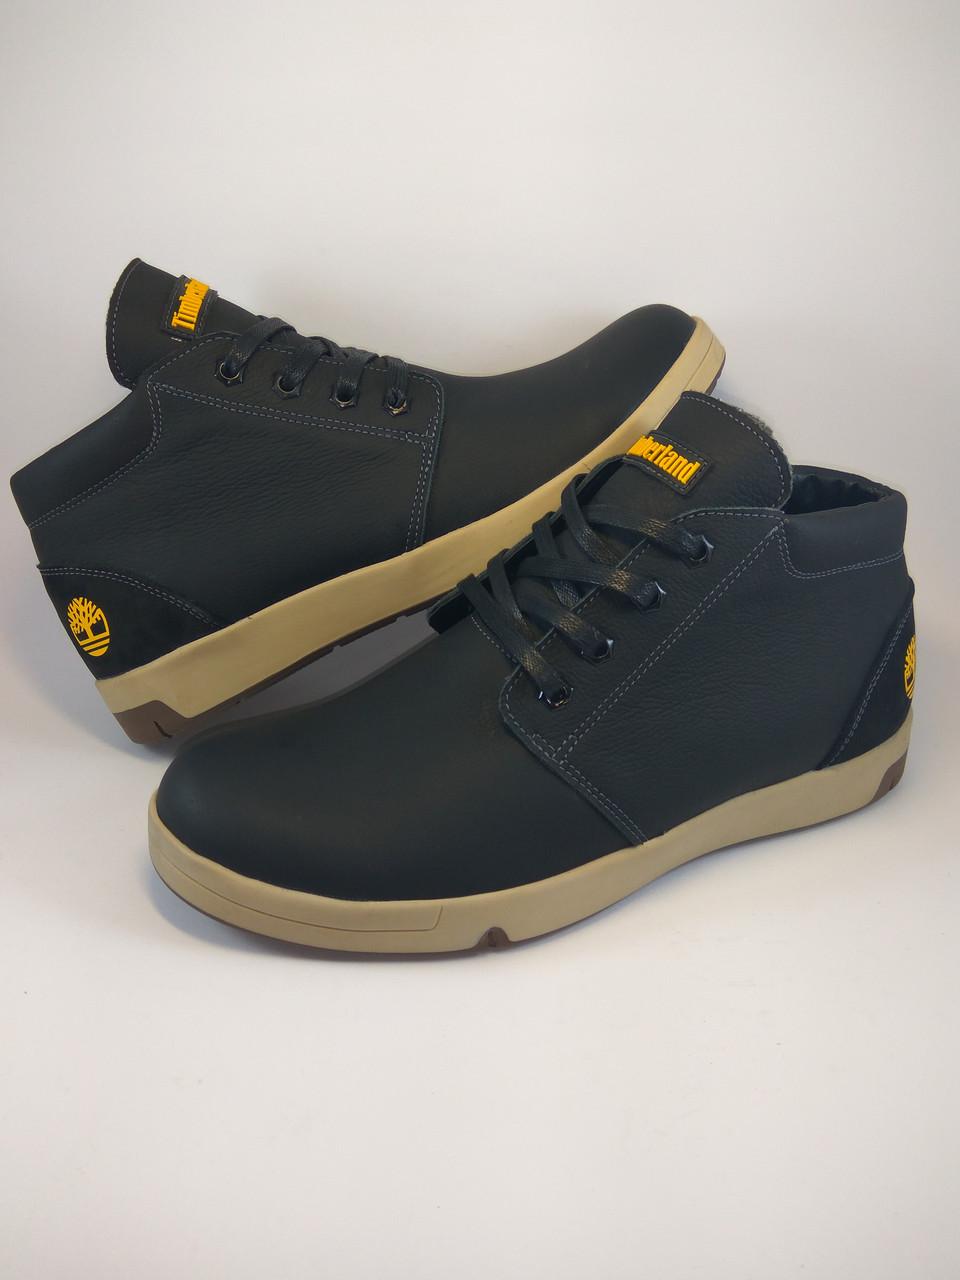 Timberland ботинки мужские реплика из натуральной кожи чёрный - Интернет  магазин